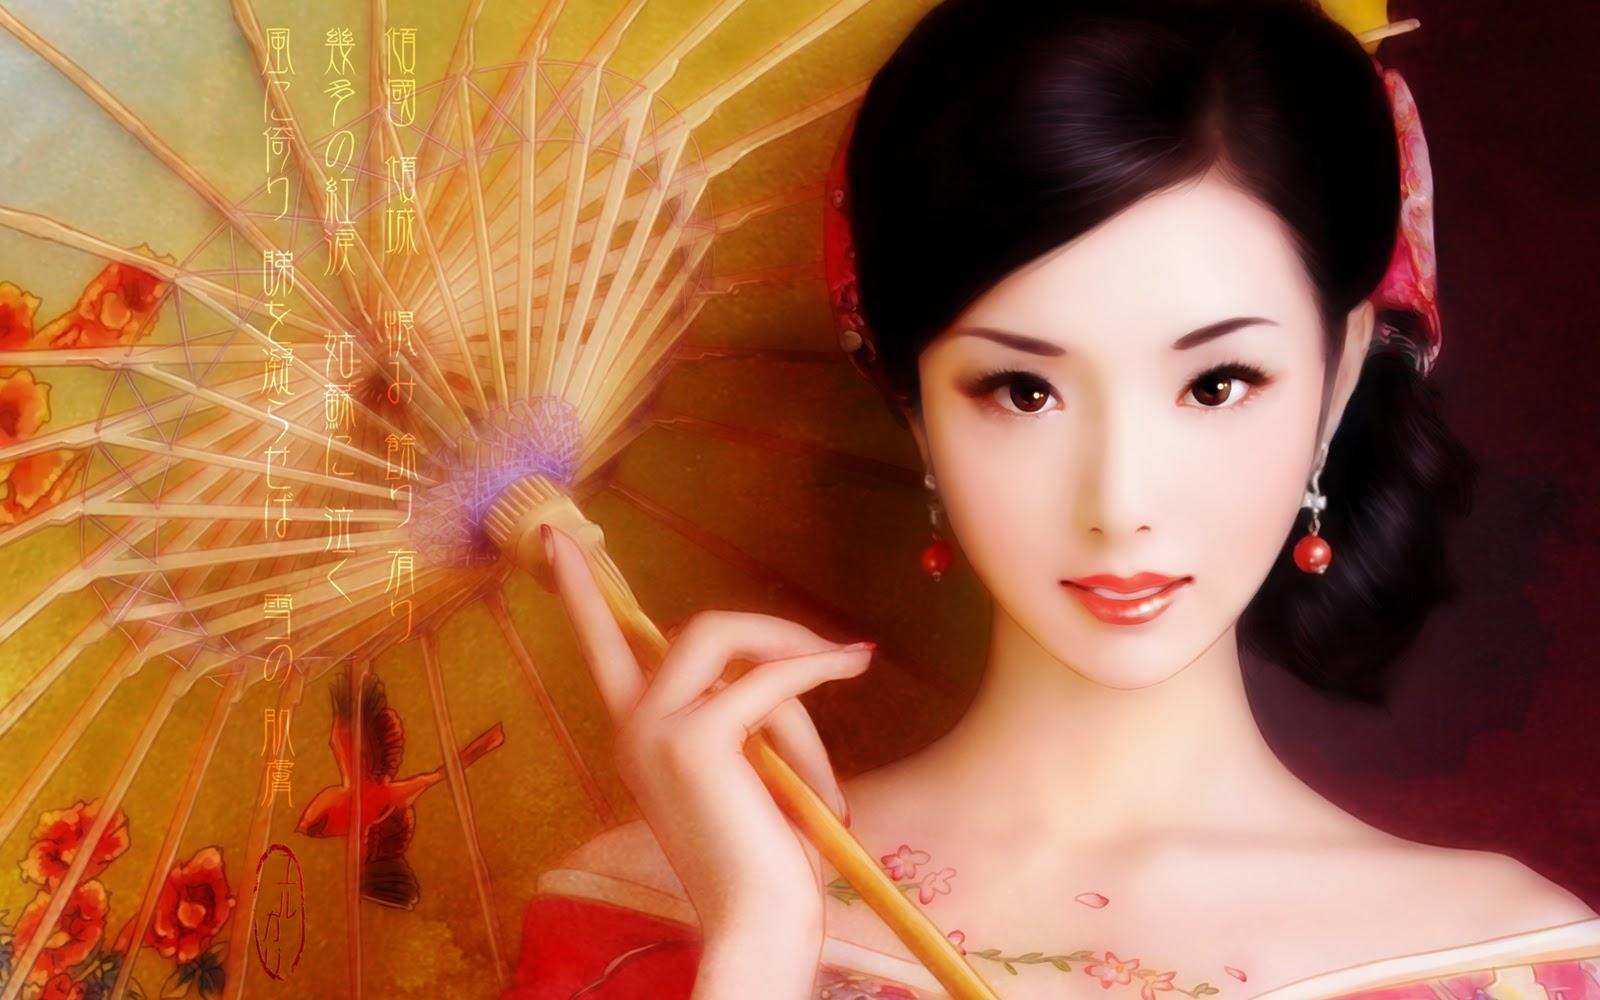 http://3.bp.blogspot.com/-7CELy1L3Xmw/TZCRJt6H1VI/AAAAAAAAATM/UpwMzpeJrXM/s1600/Kimono_Beauty___Wallpaper_by_yurkary.jpg